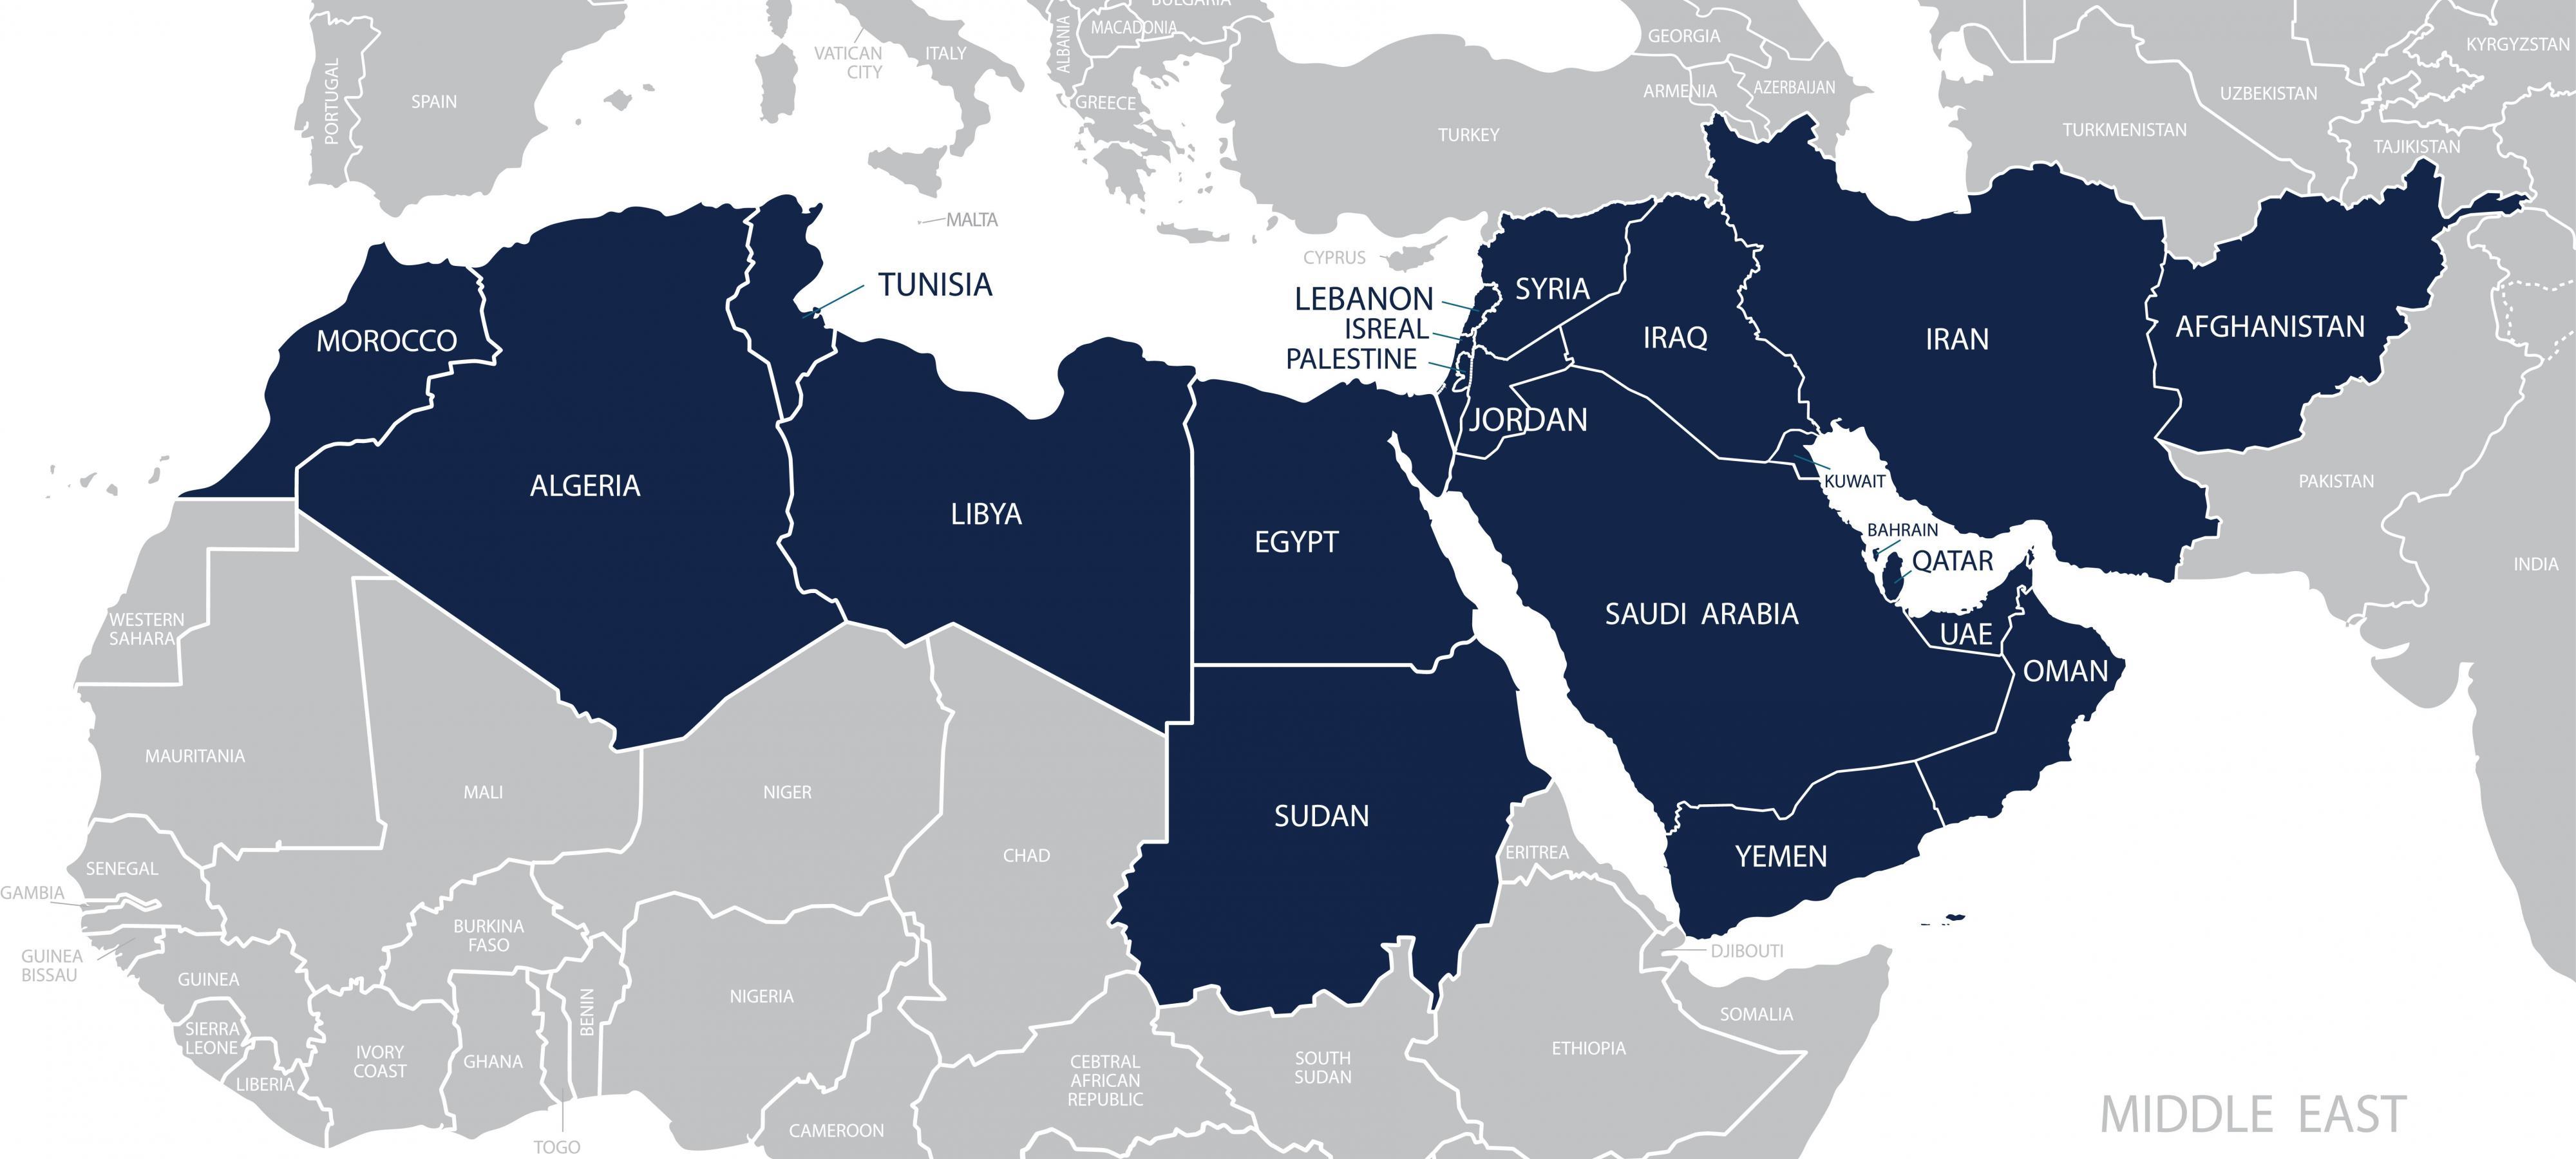 bando mediterraneo-medioriente